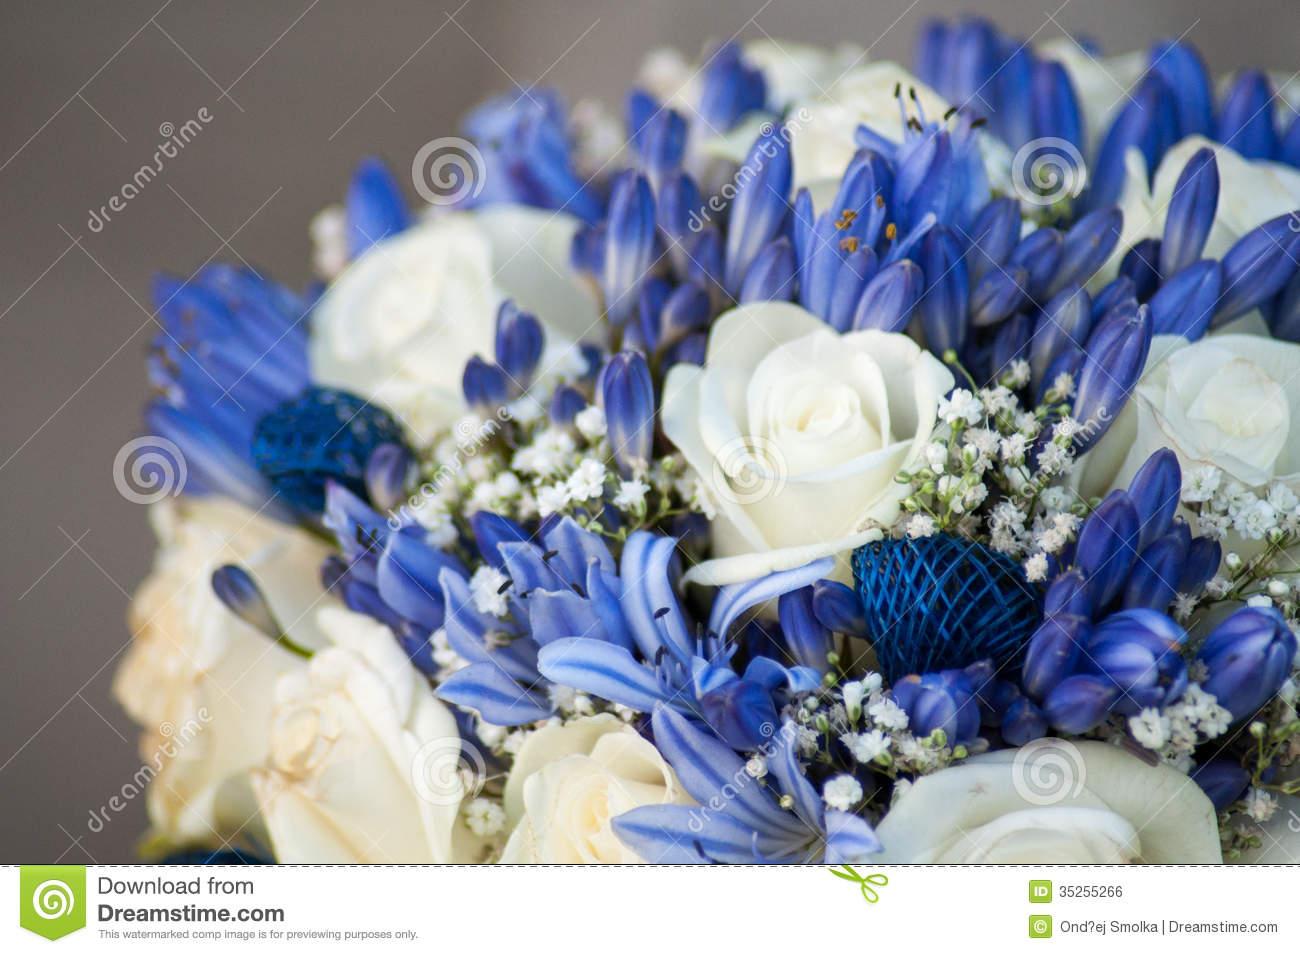 White And Blue Flower Arrangements Images - Flower Decoration Ideas